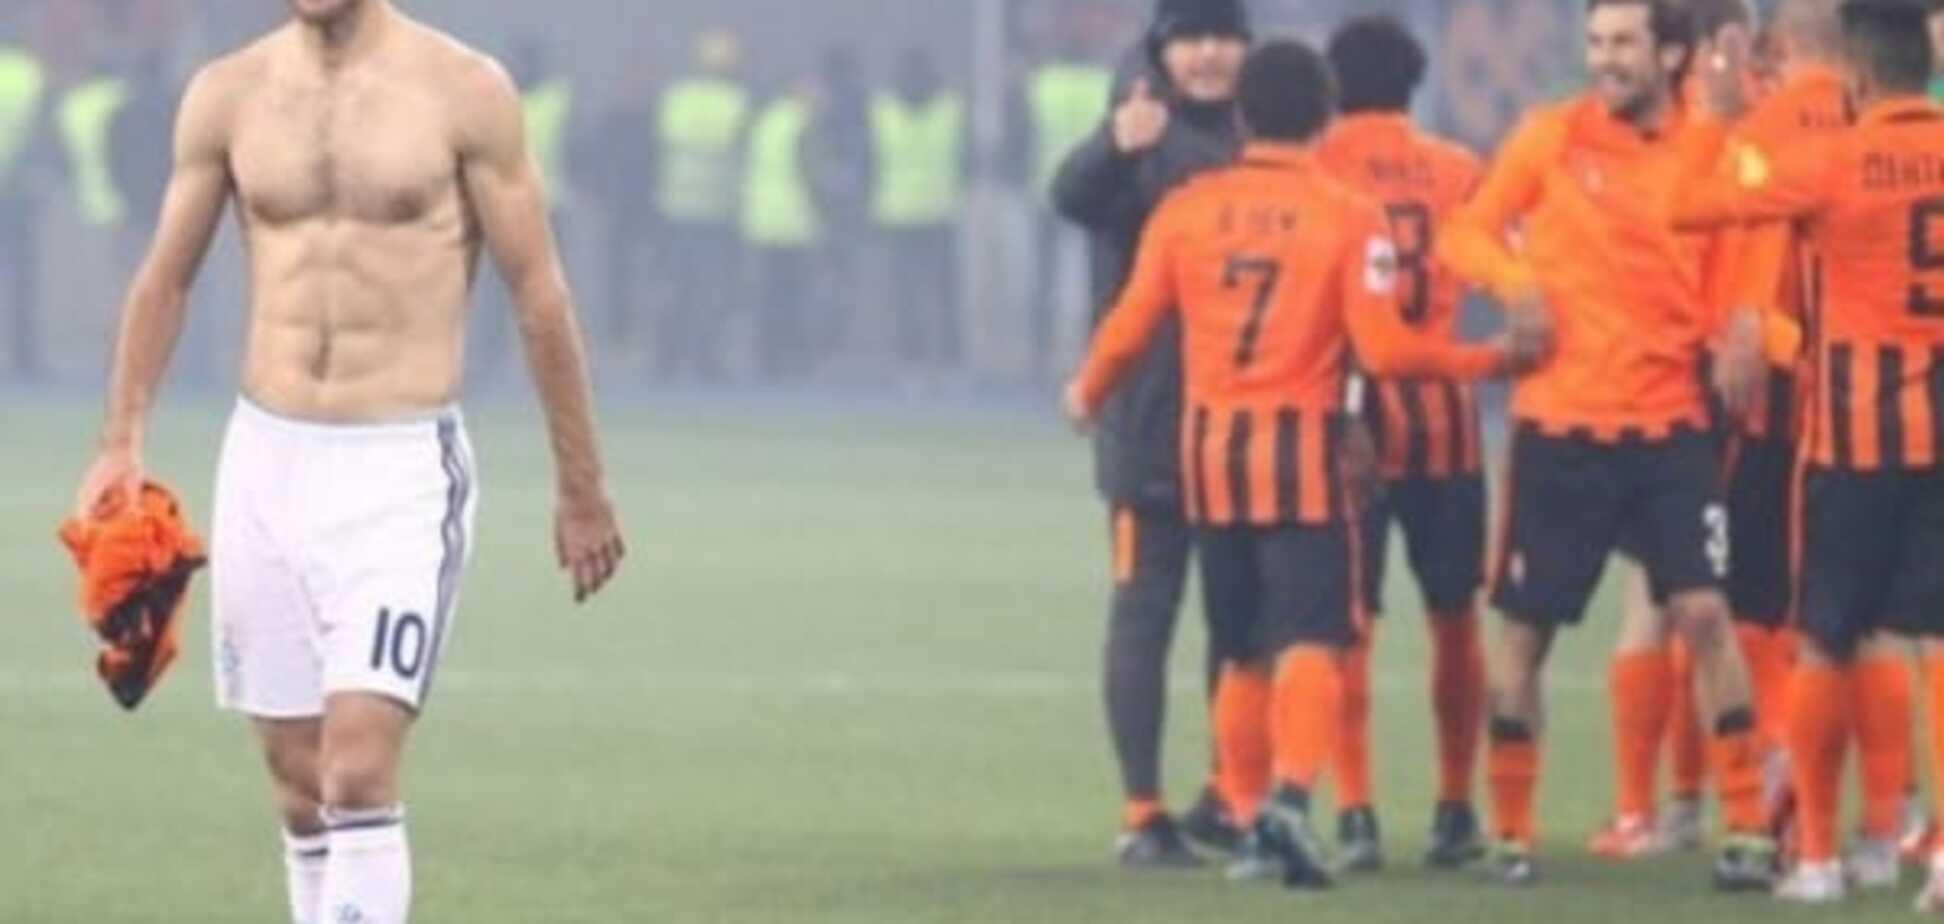 'Наплювали в обличчя'. П'ять епічних моментів футбольного сезону в Україні